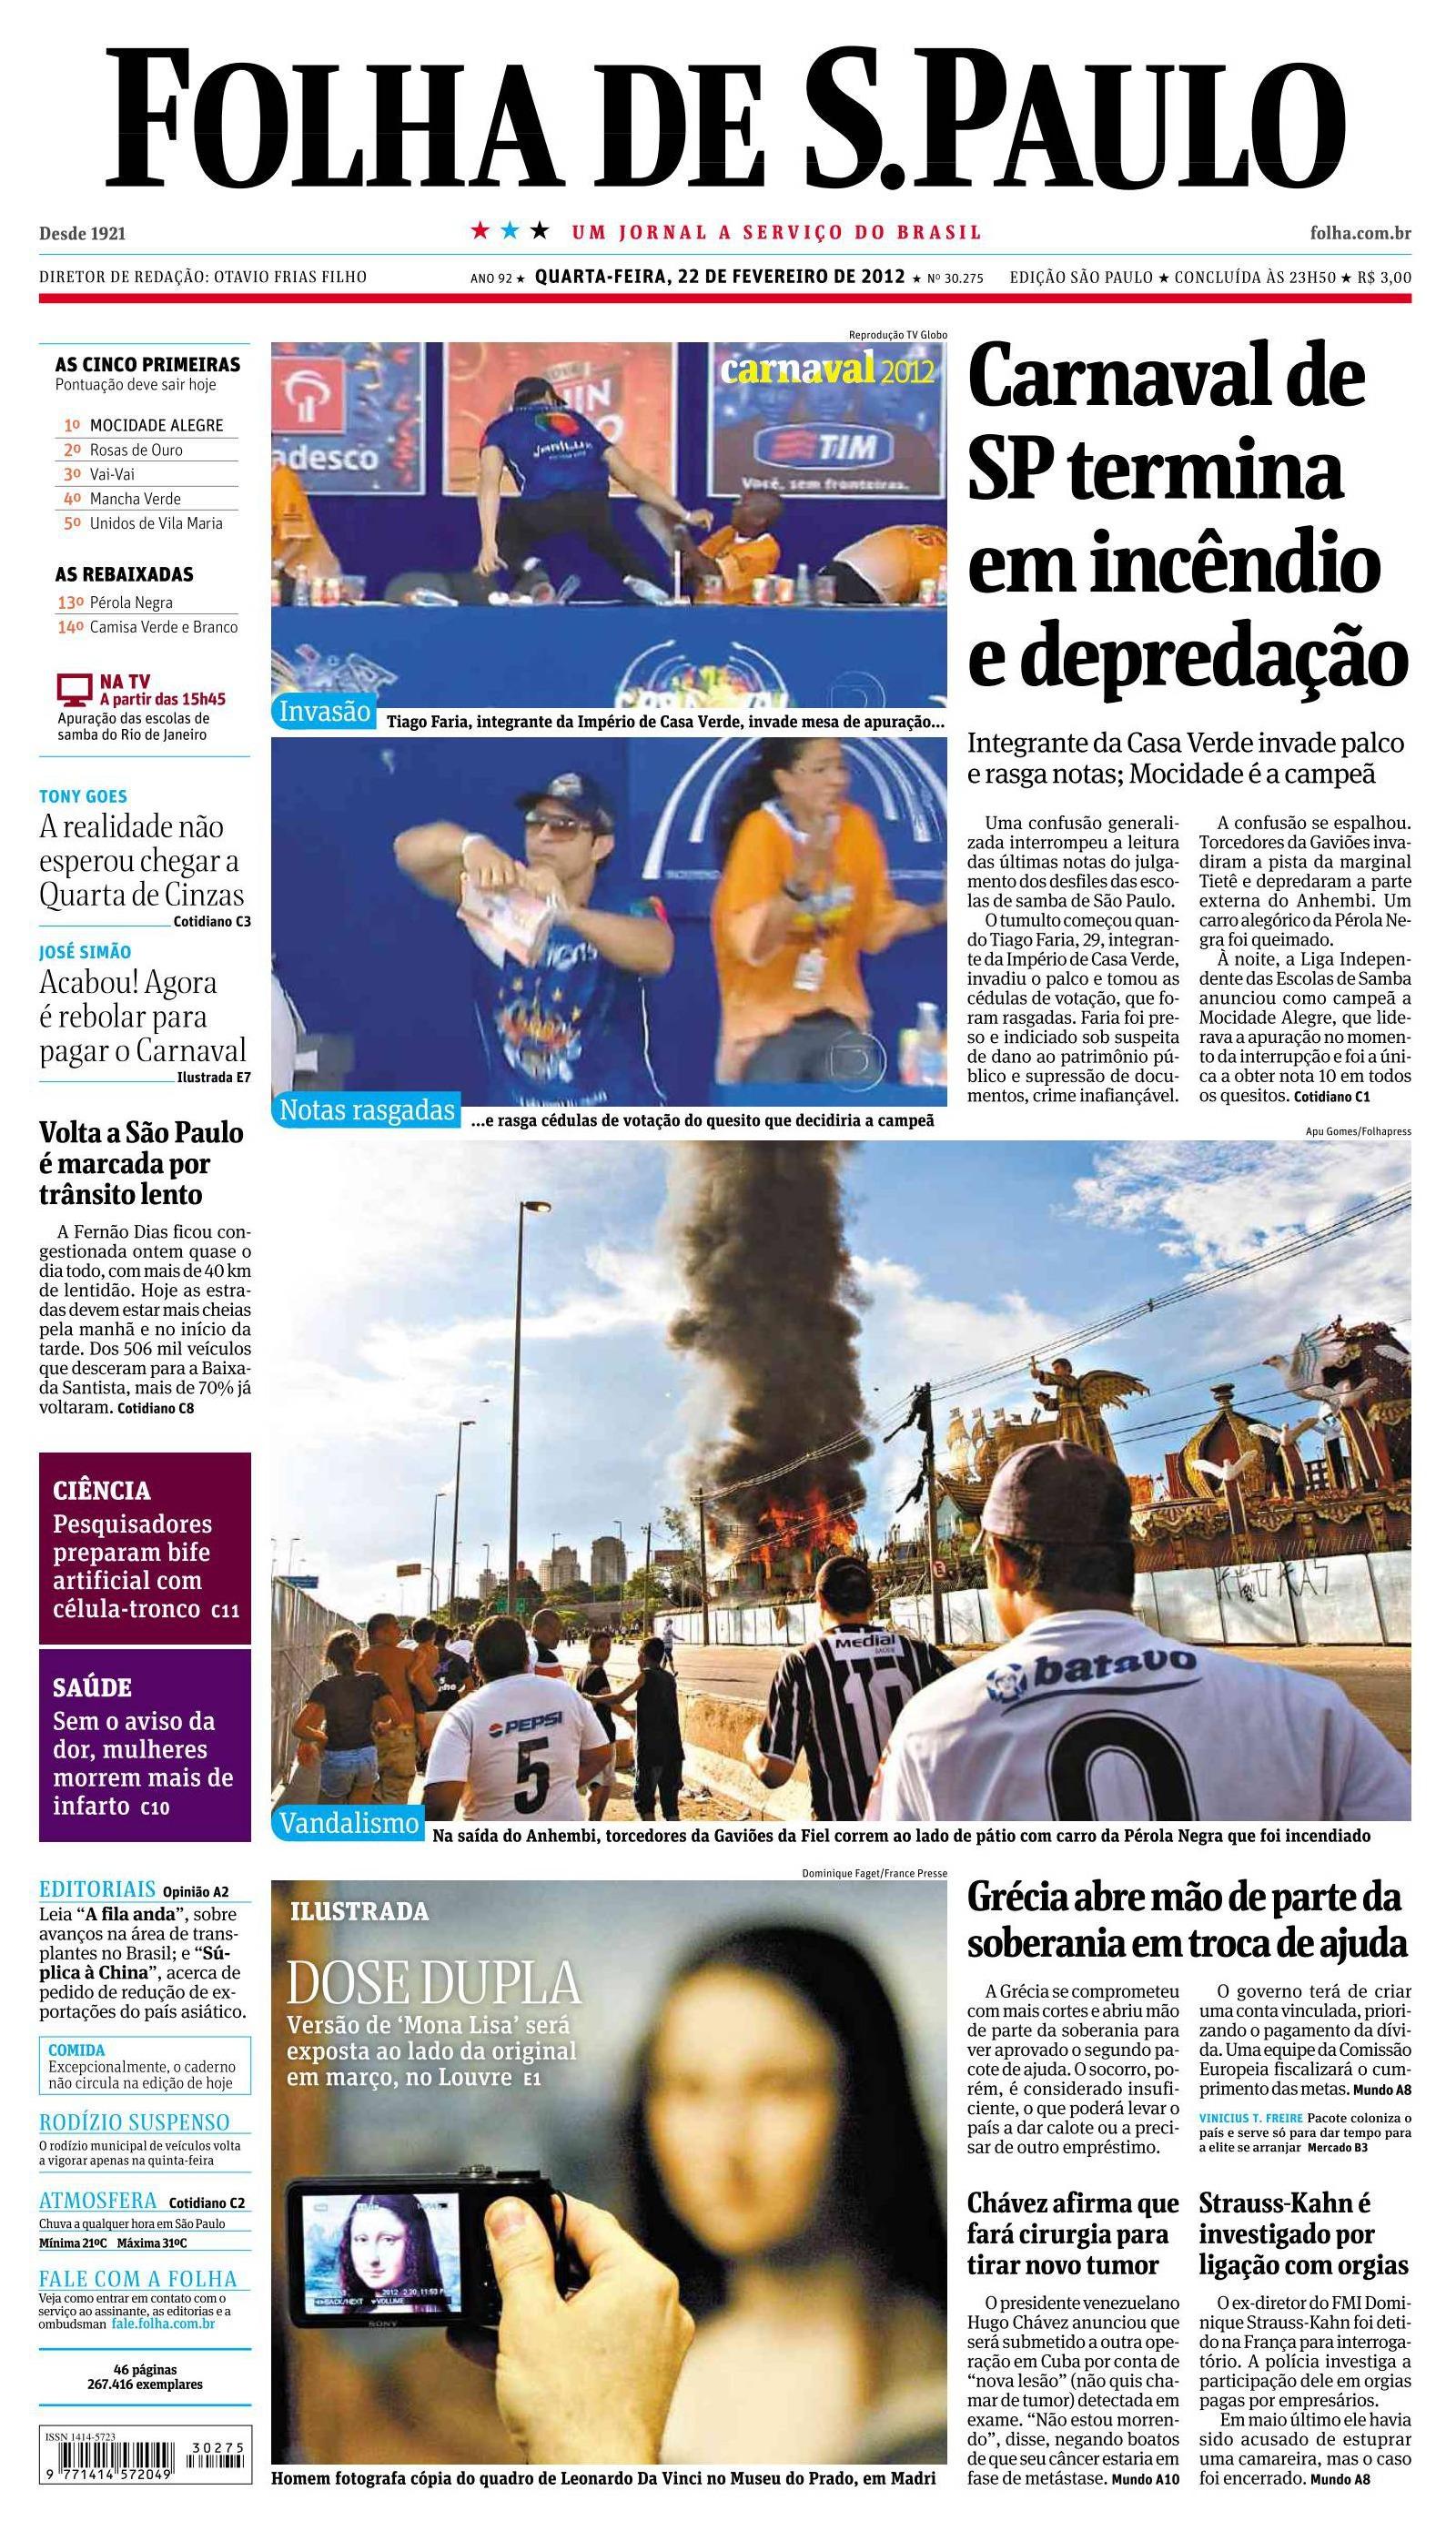 Edição Digital - Folha de S.Paulo - Pg A9 6f6345e5edccd